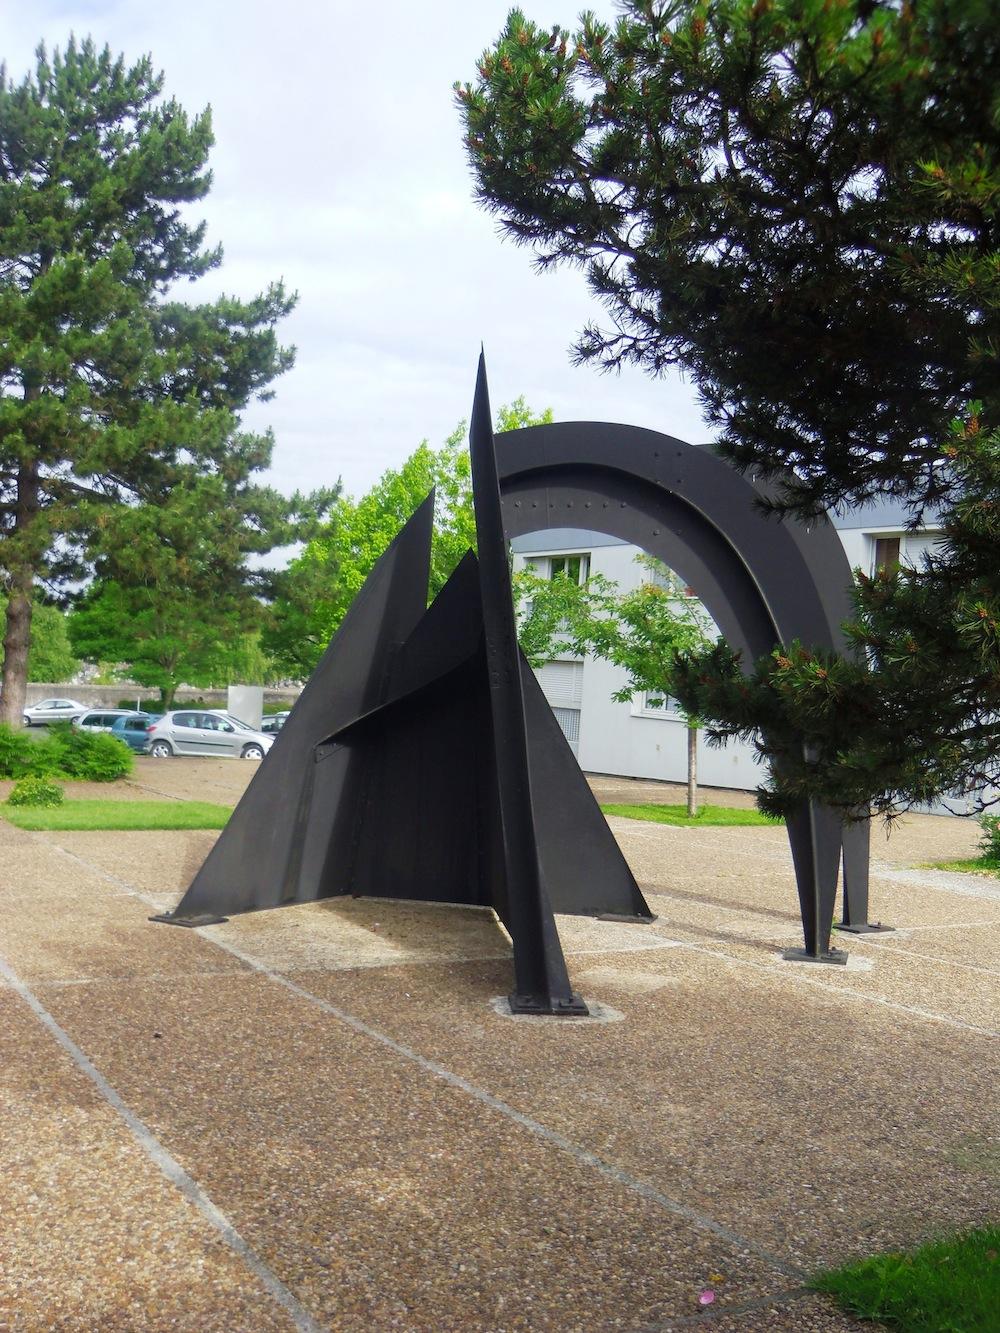 Stabile de Calder - IUT de Tours